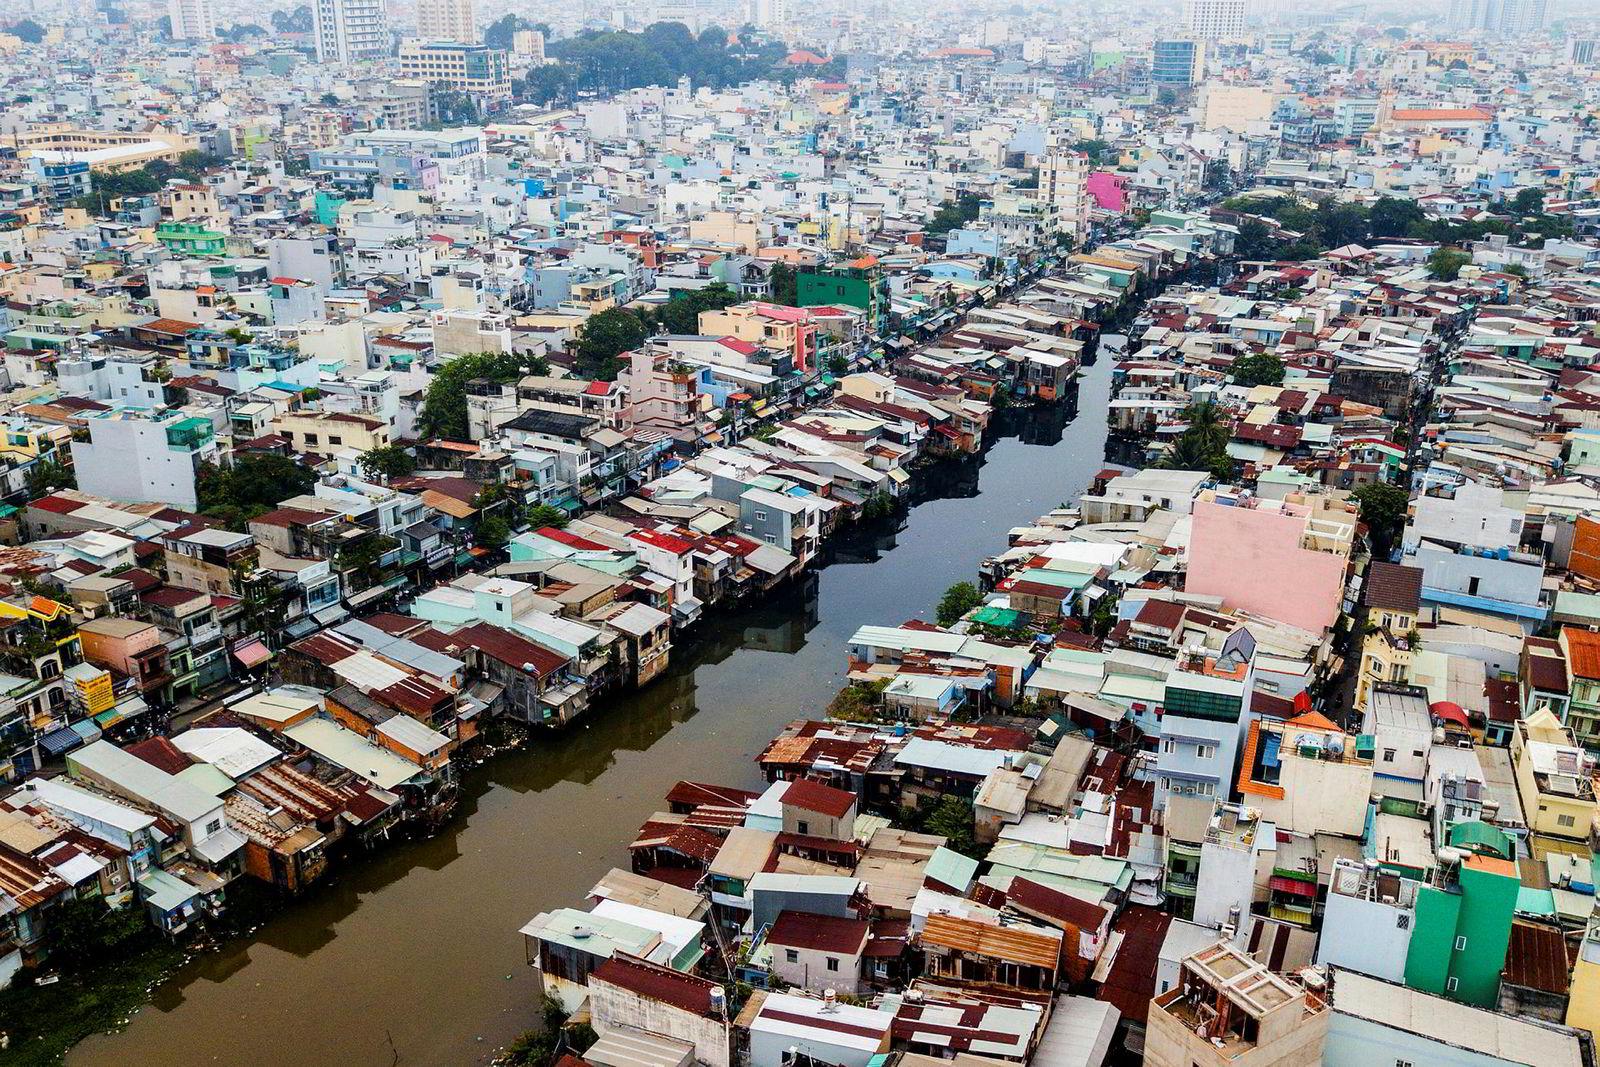 Flyfoto av husene ved Xyen Tam-kanalens bredder, 19. oktober i år.